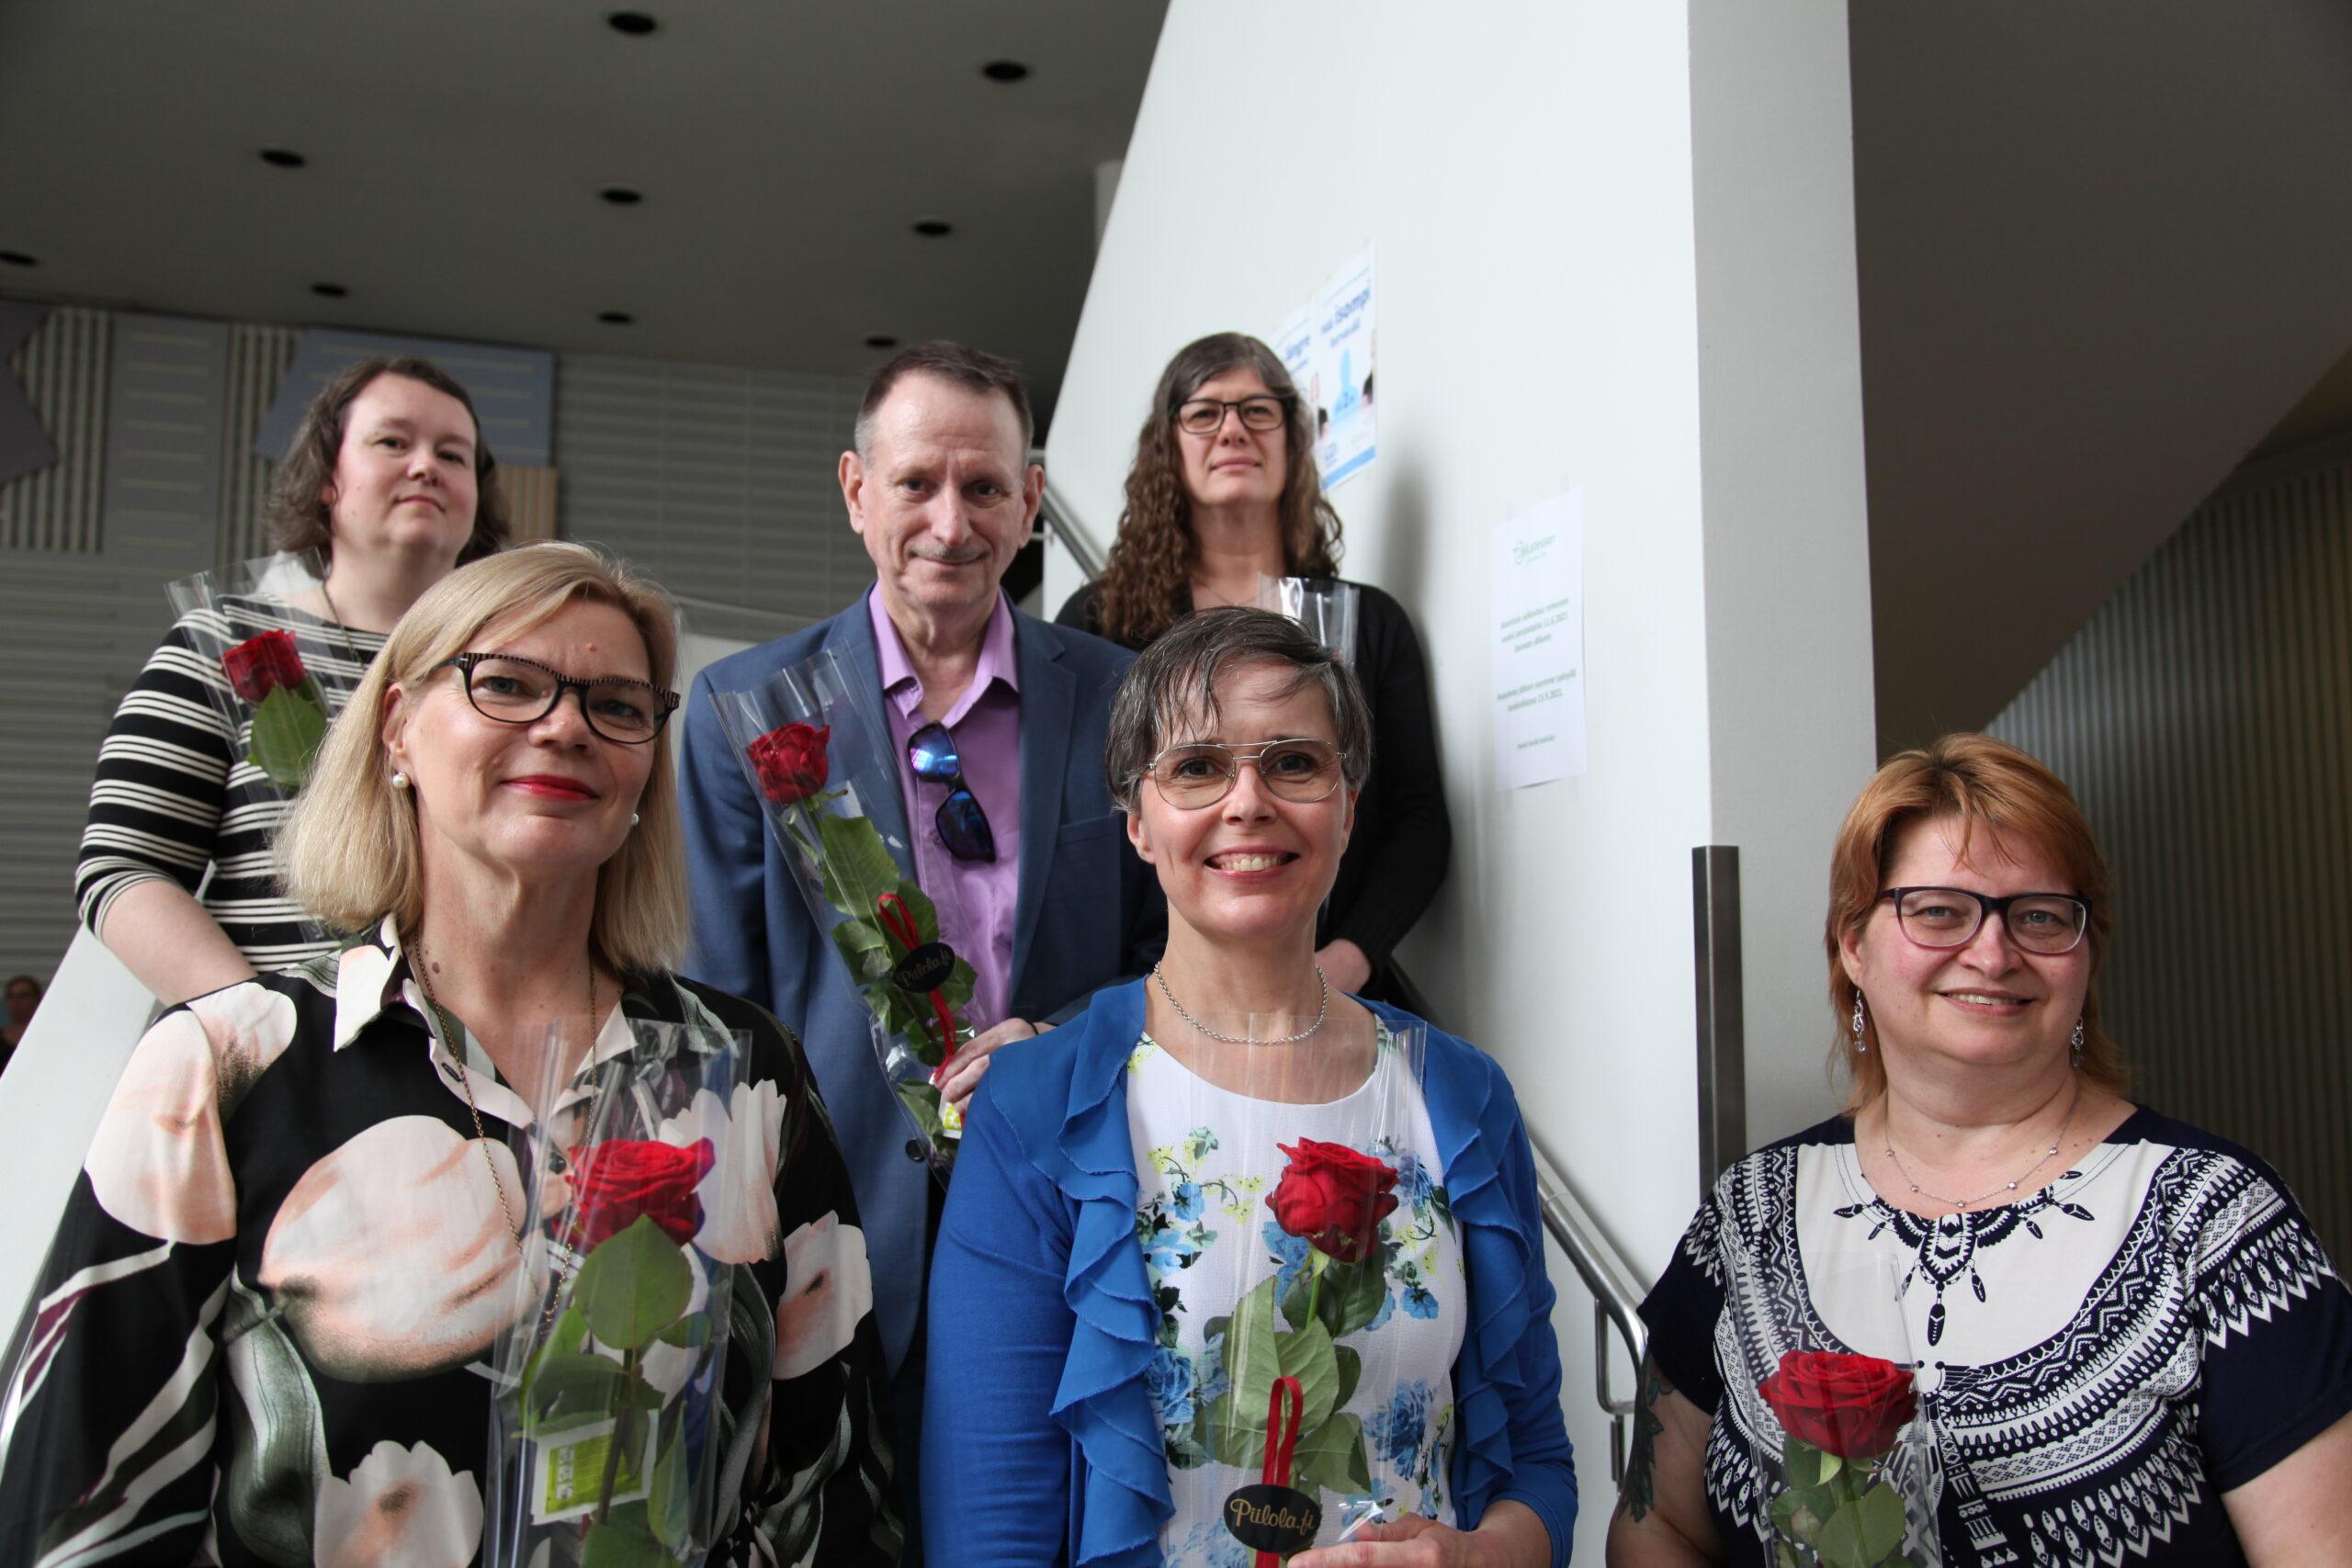 Ryhmäkuva uudesta hallituksesta Valkean talon aulan portailla.